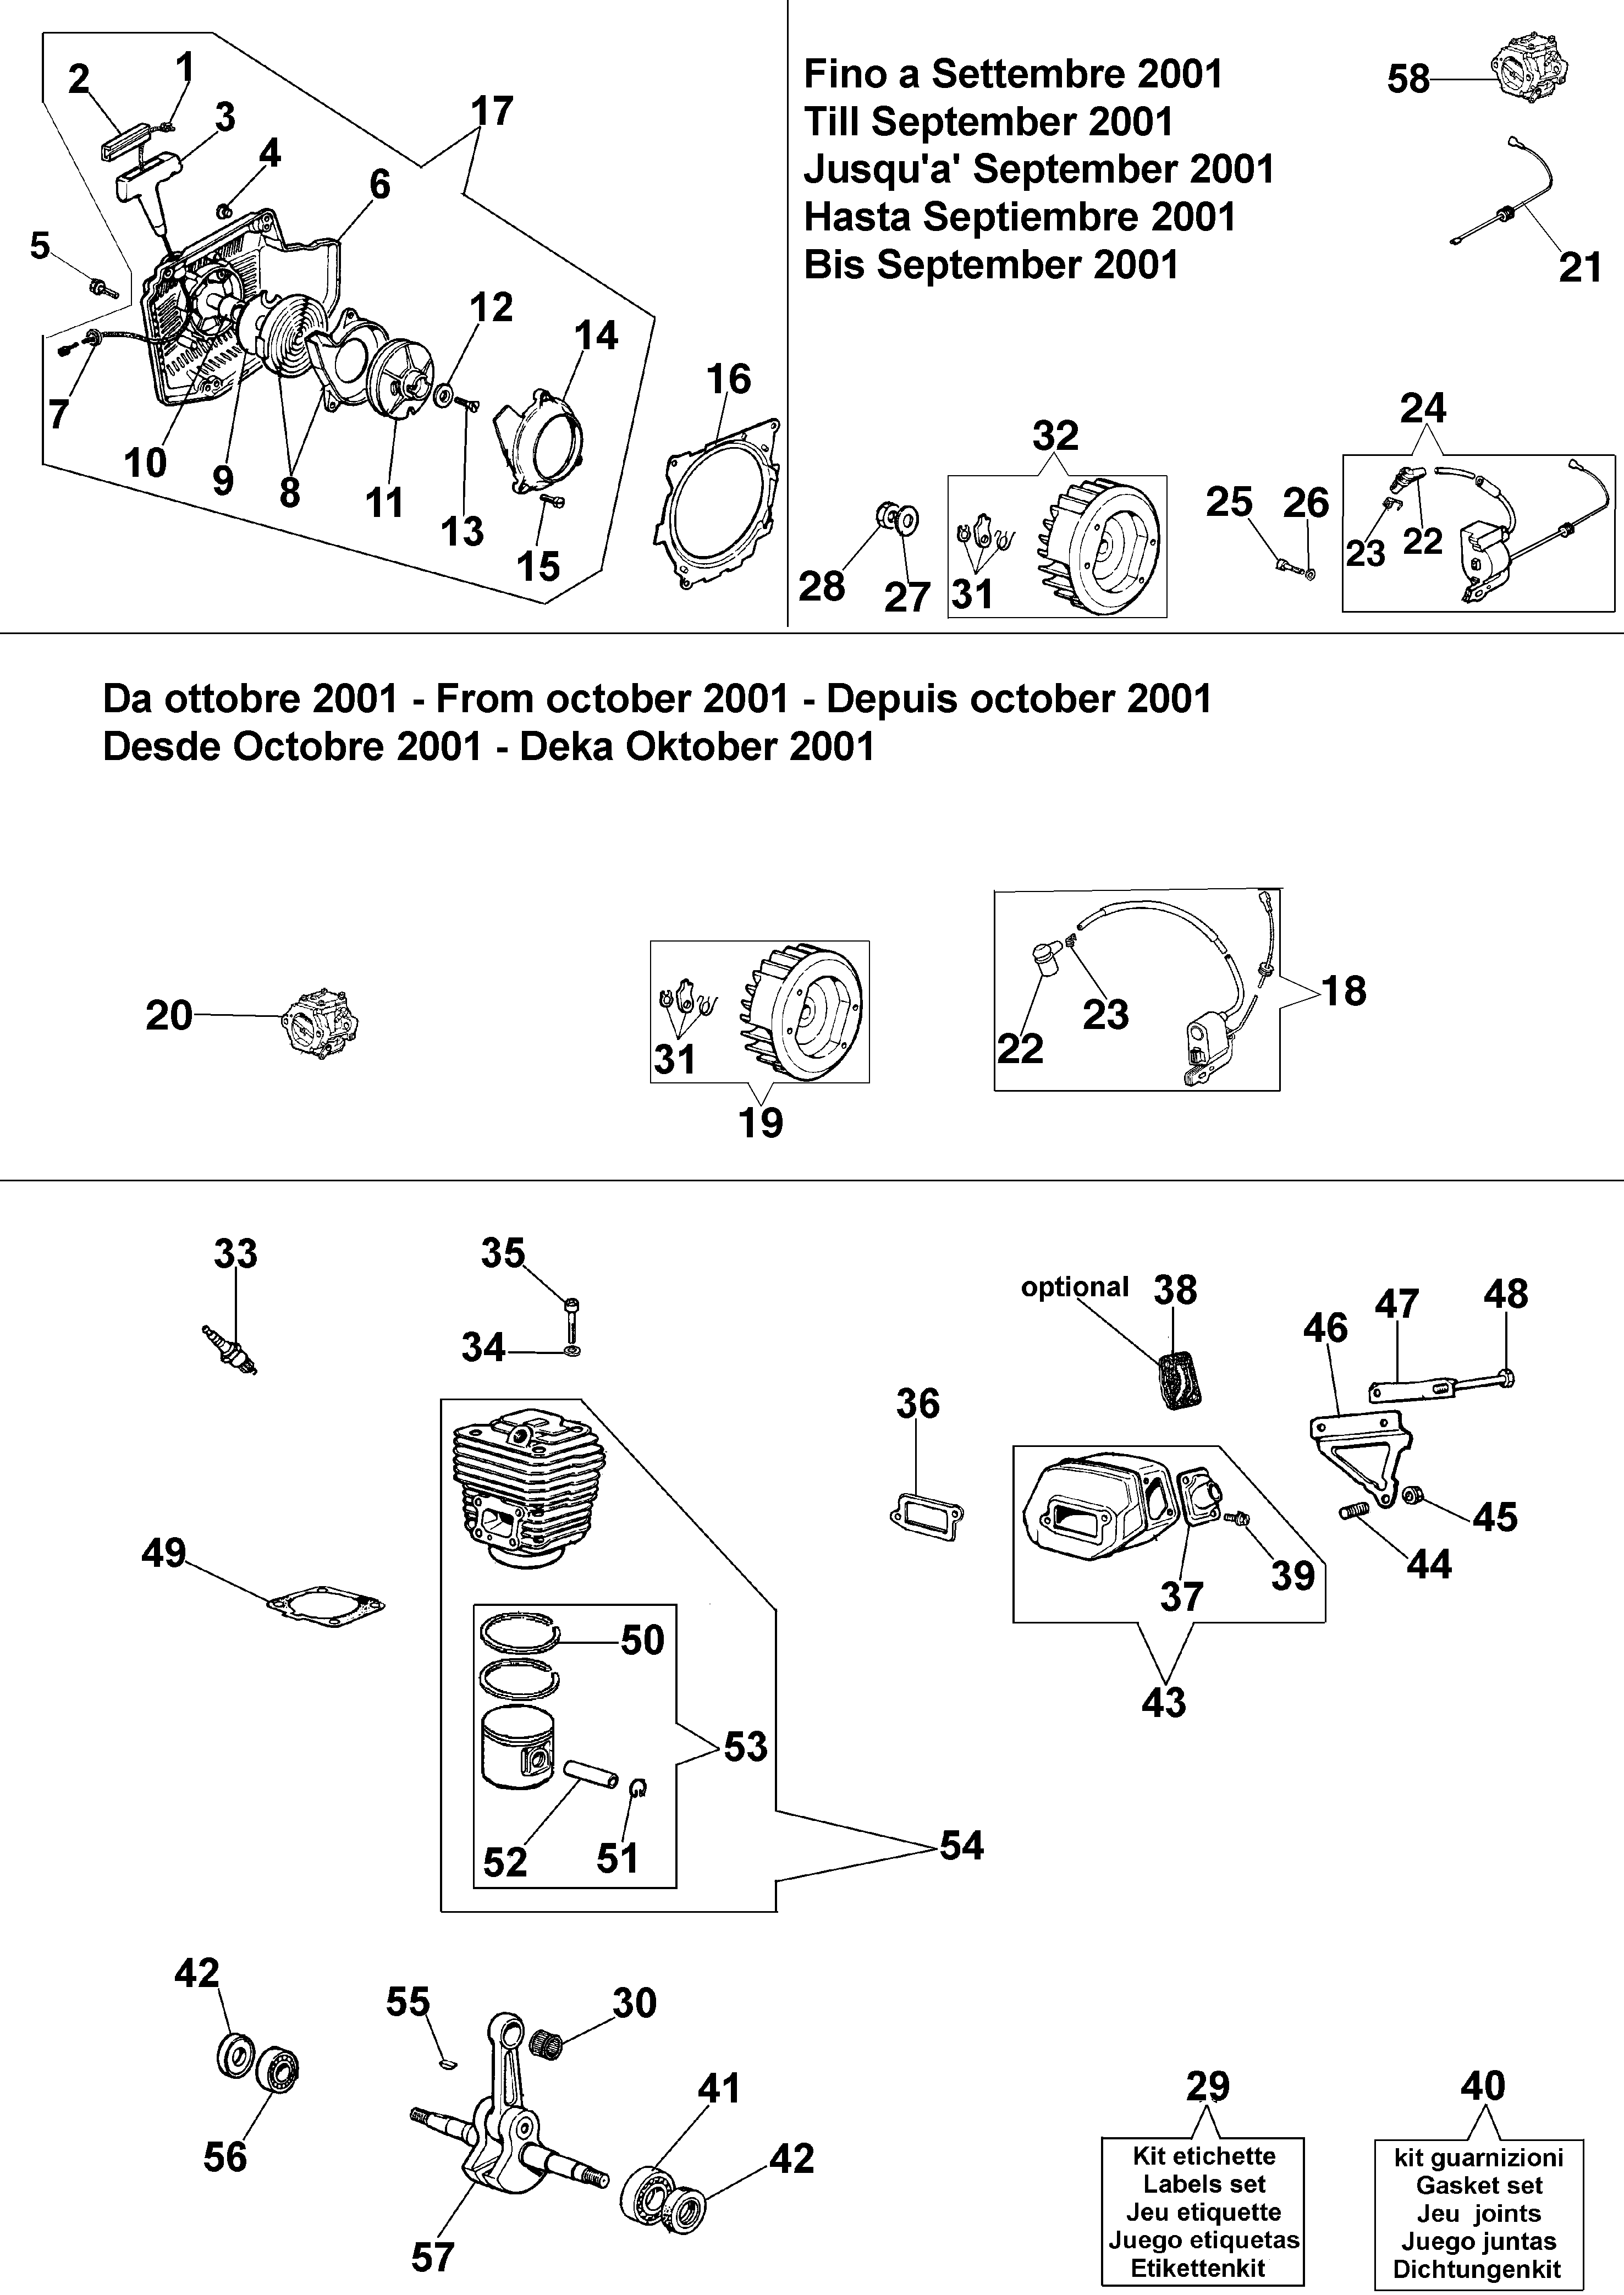 999 F Tronçonneuse oleomac Dessins pièces vue éclatée Démarrage et moteur